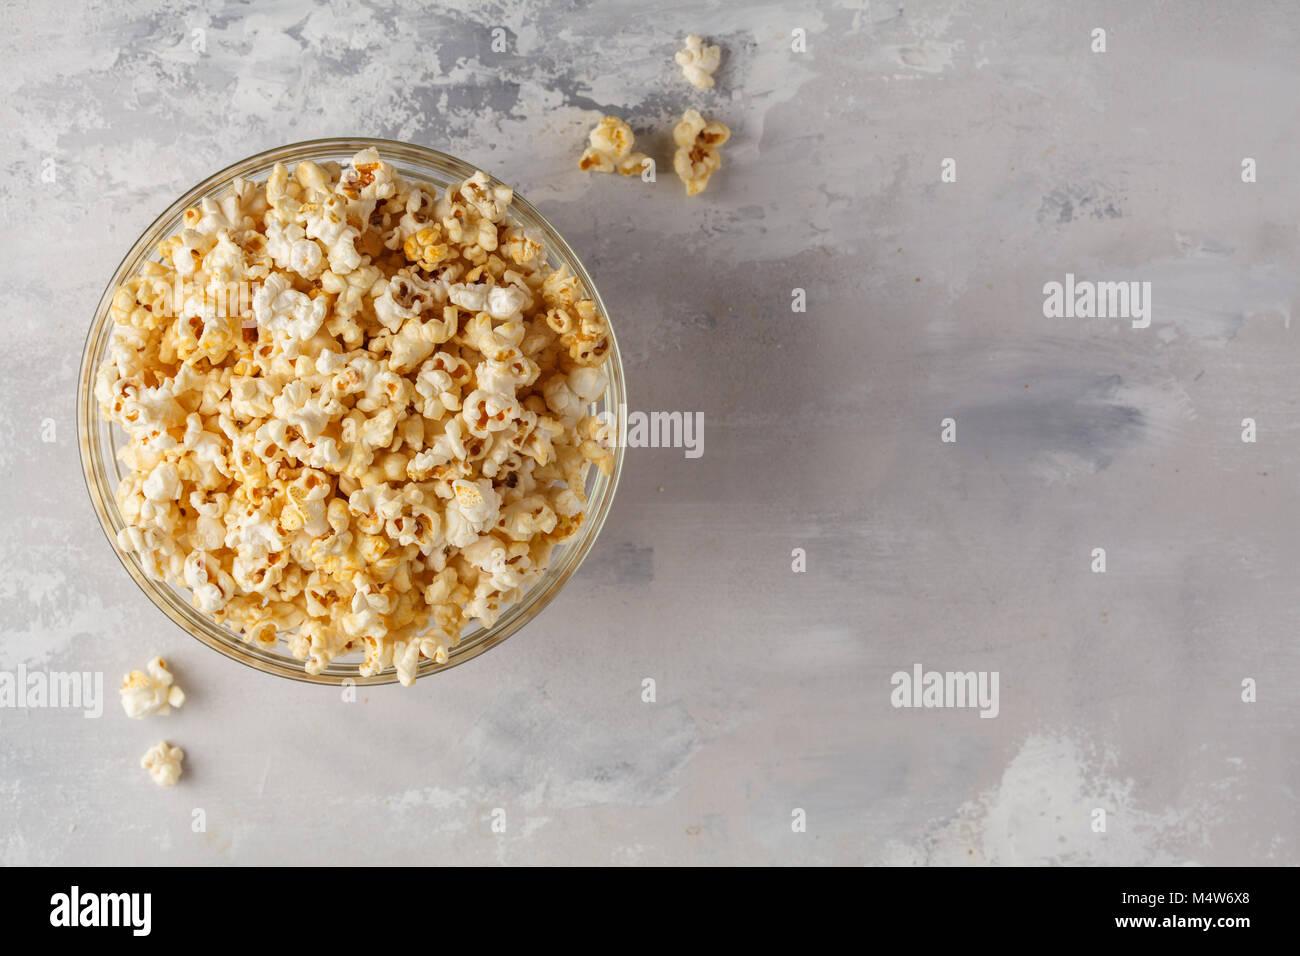 Soufflé au caramel doré dans bol en verre, vue de dessus, copiez l'espace. Photo Stock